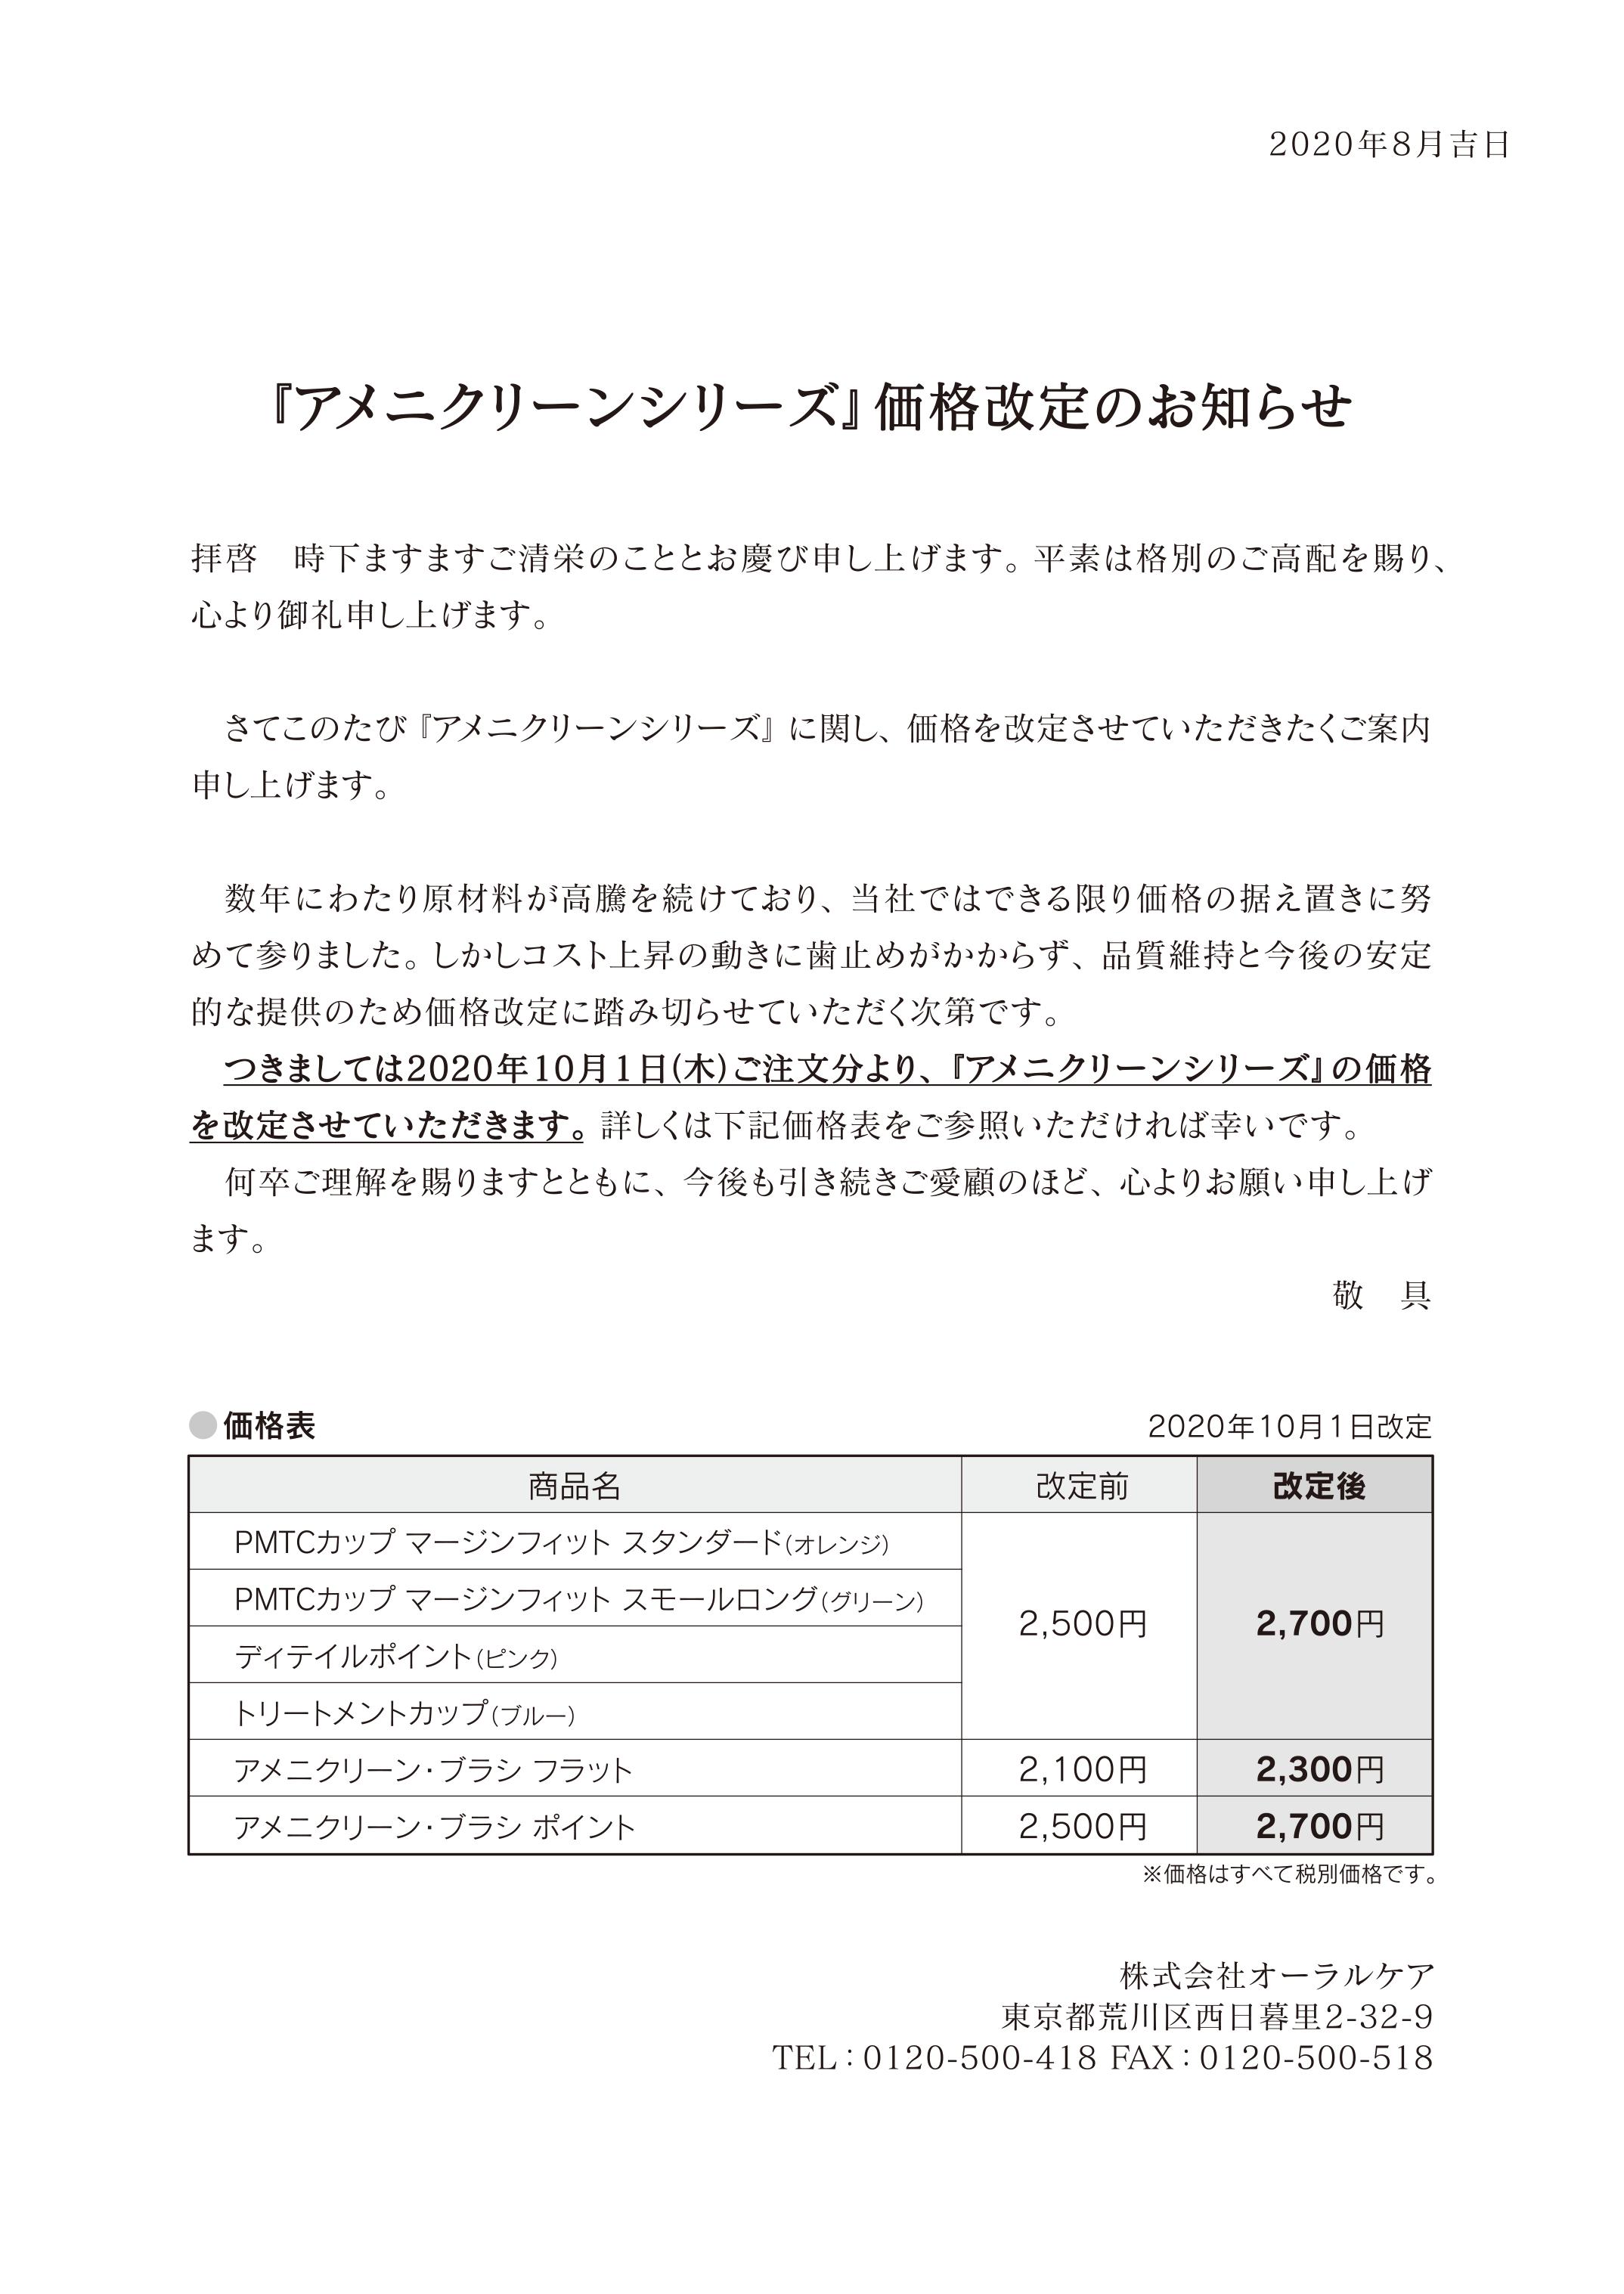 価格改定のお知らせ(直販)out.png